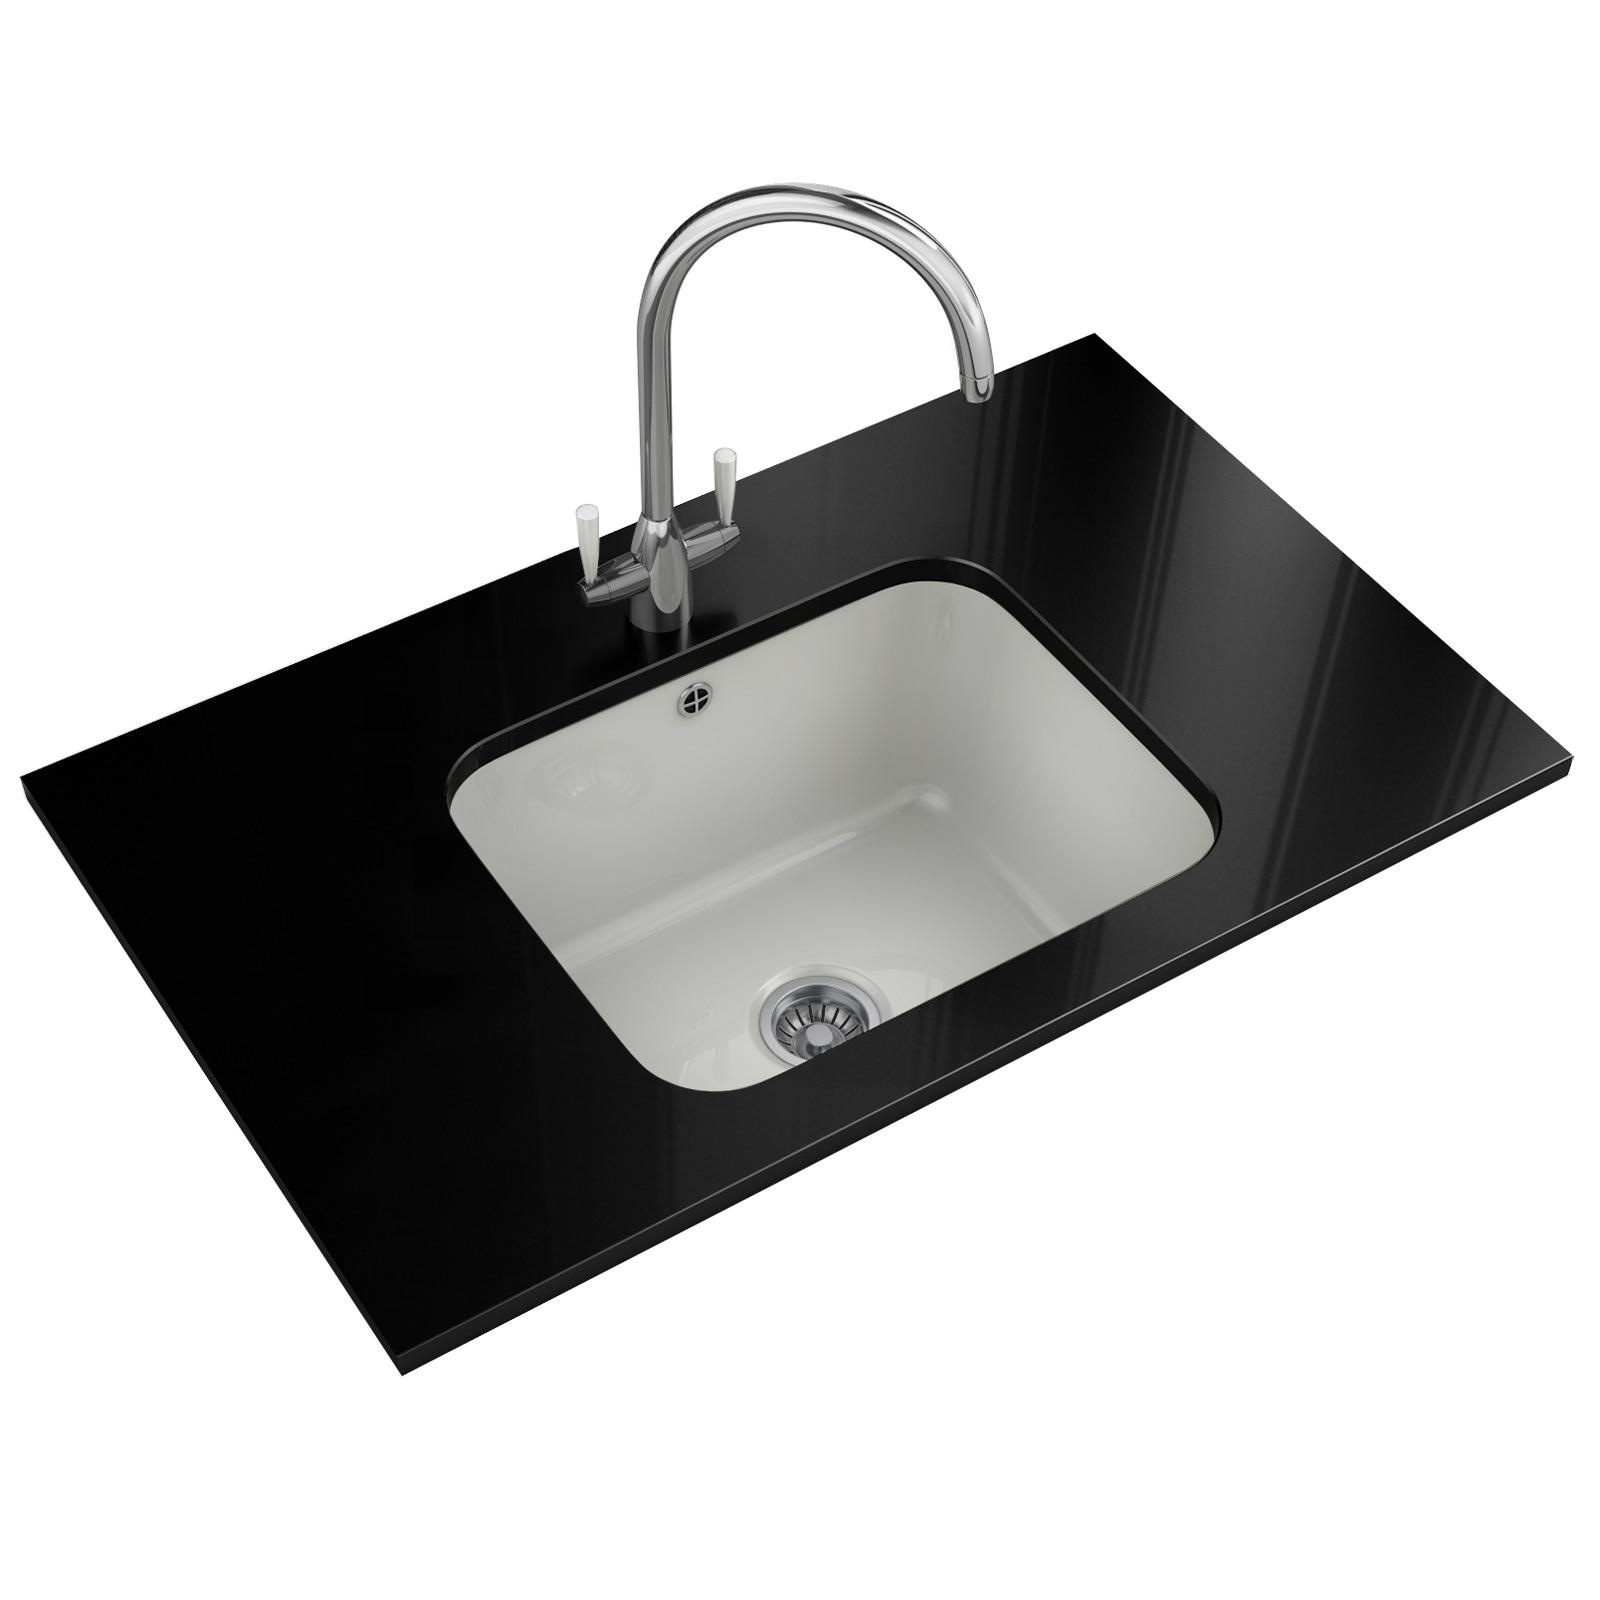 Franke v and b designer pack vbk 110 50 ceramic kitchen sink and tap workwithnaturefo